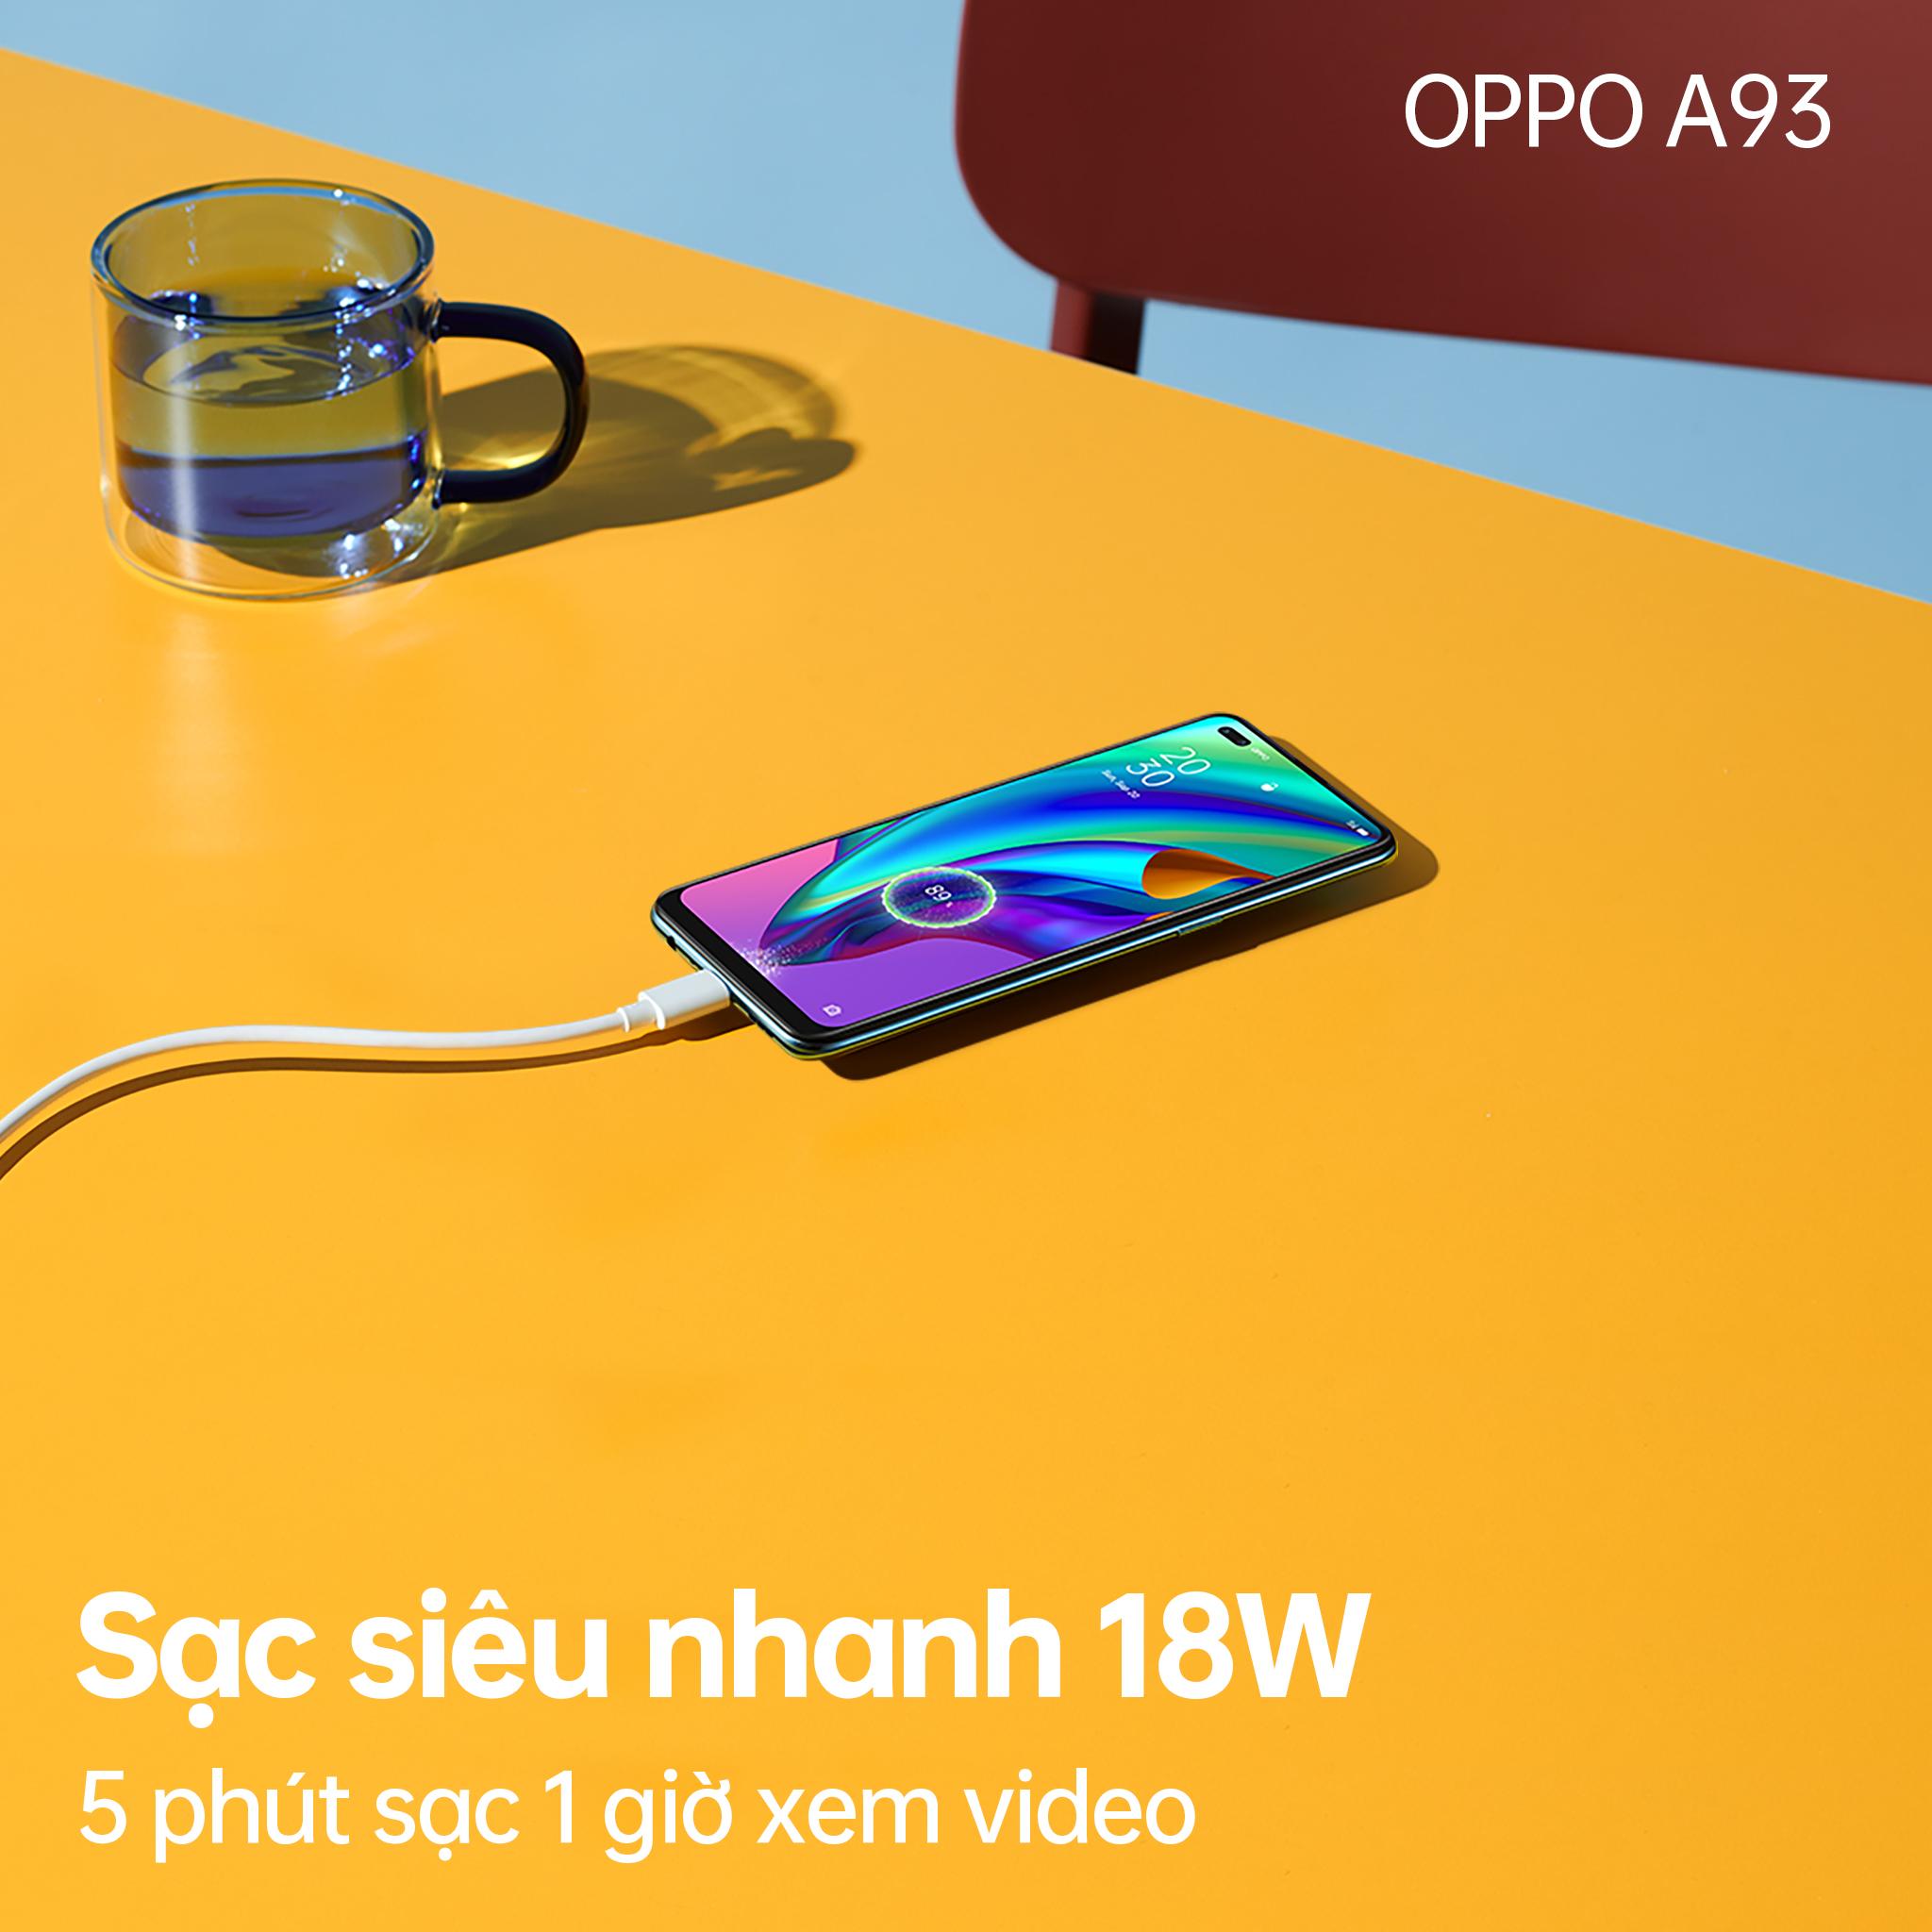 Khám phá 15 tính năng nổi bật của OPPO A93 cho xu hướng AI Camera chất lượng - Ảnh 11.